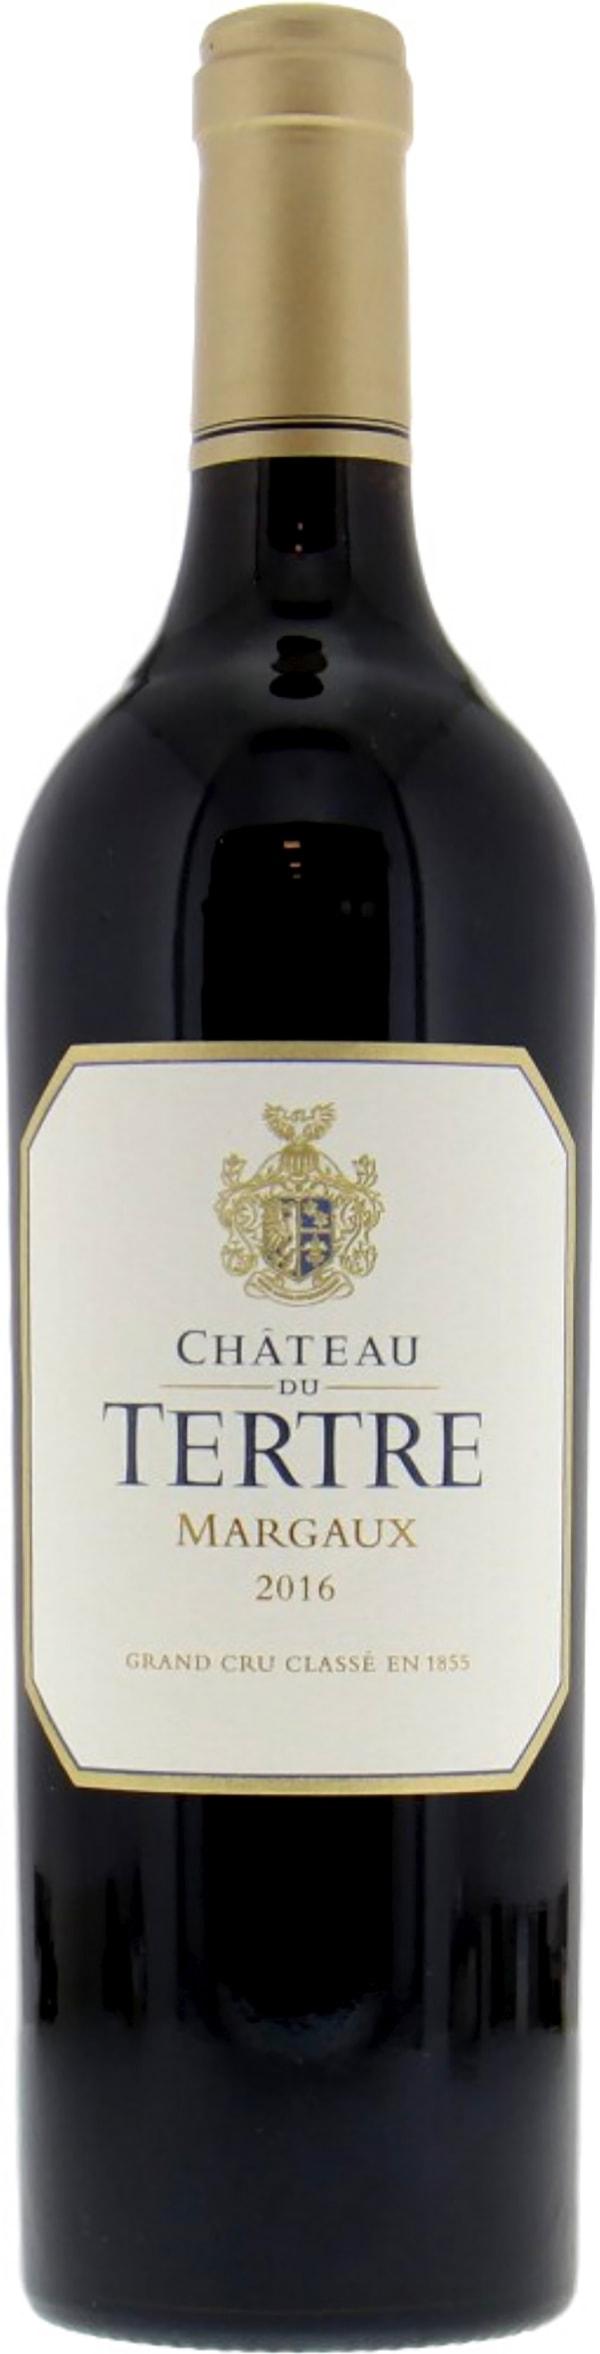 Château du Tertre 2015